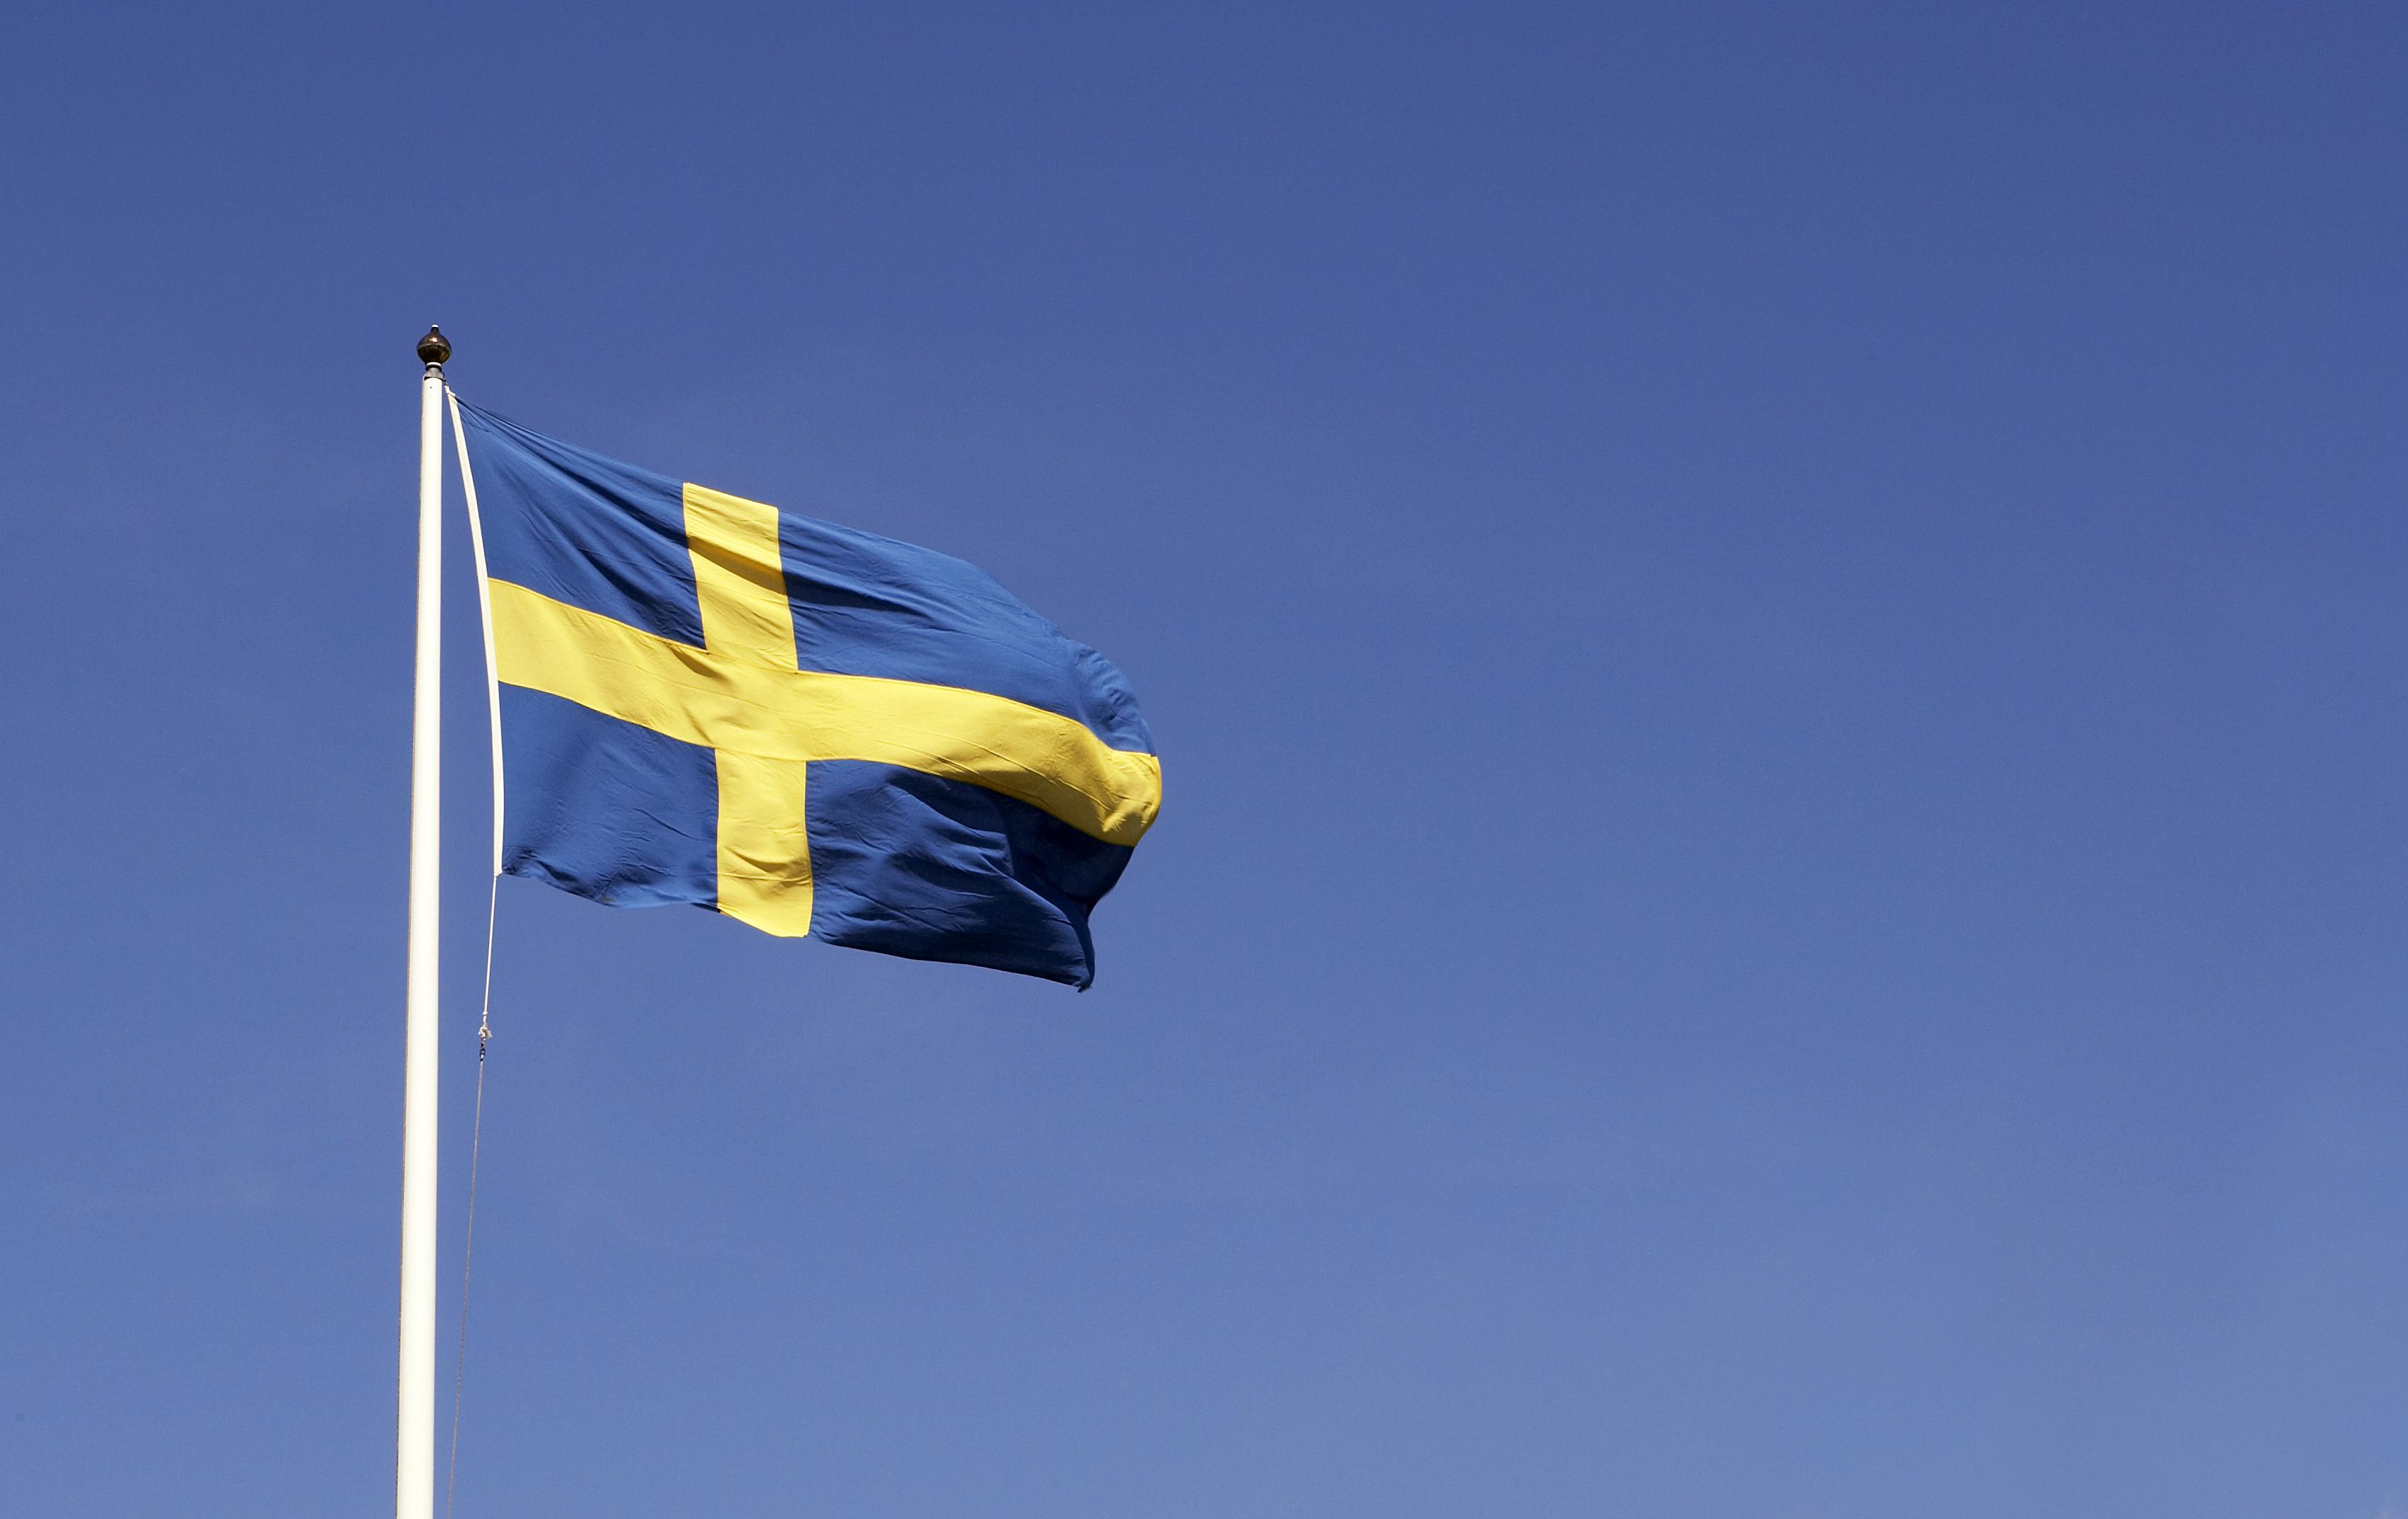 svenska flaggan regler